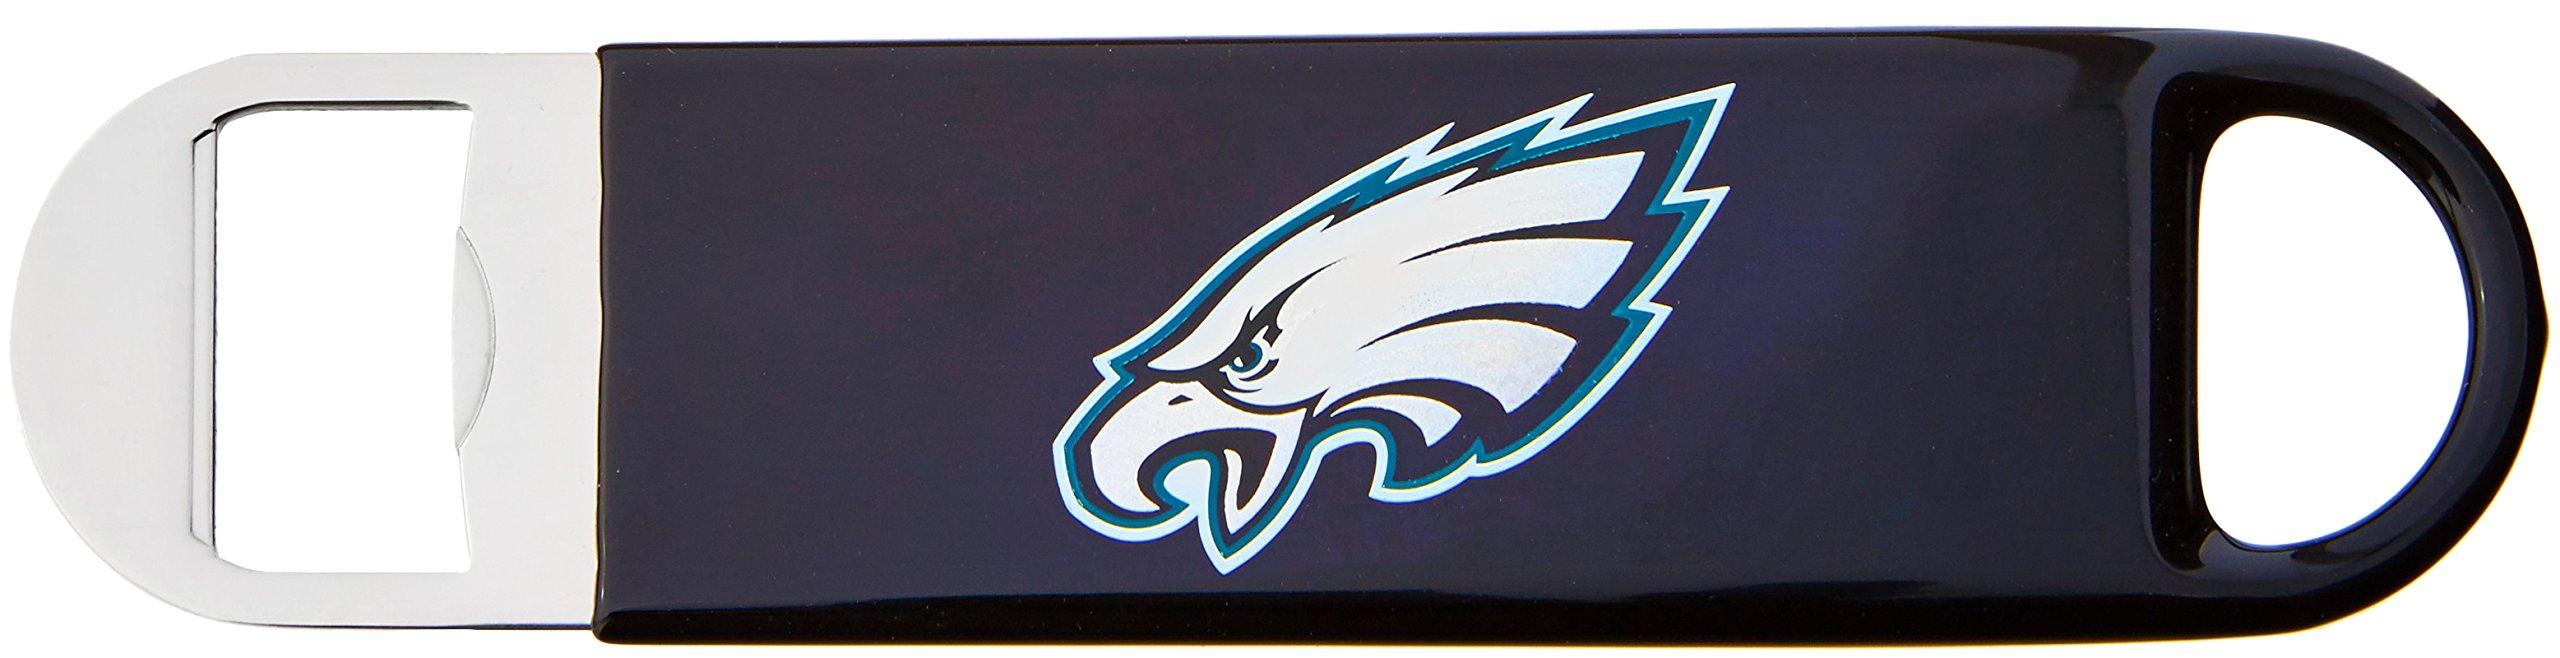 NFL Philadelphia Eagles Vinyl Covered Long Neck Bottle Opener, Black, 7''